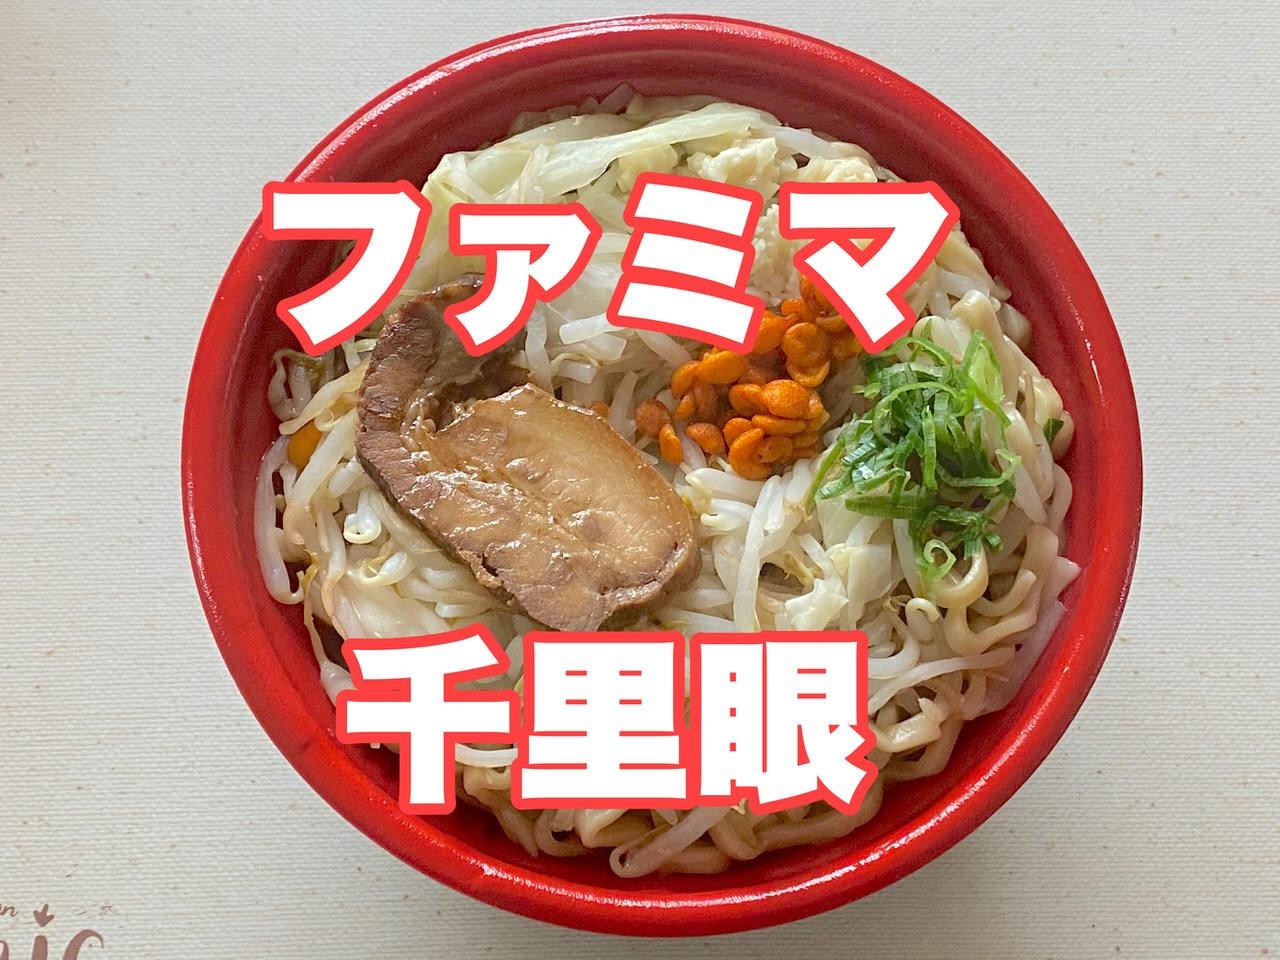 【ファミマ】麺のわしわし感がたまらない!にんにく強めのスープも美味い「千里眼監修 濃厚マシマシラーメン(ニンニク醤油)」